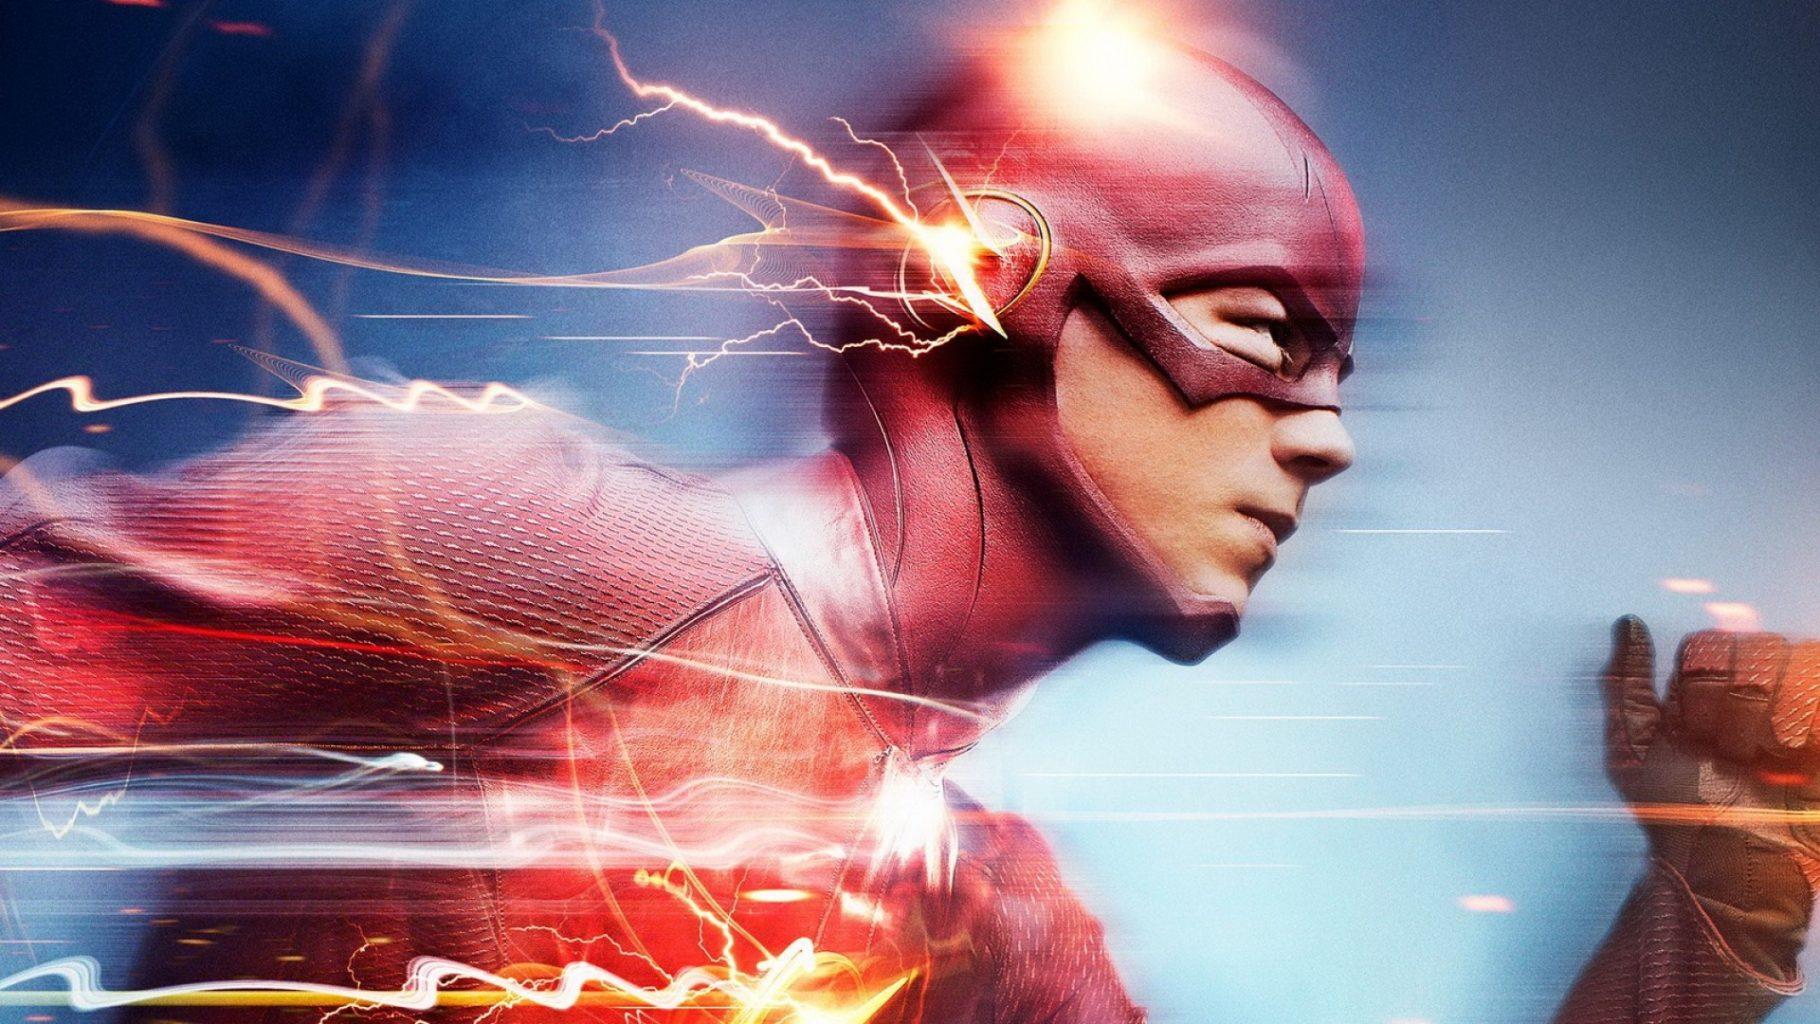 Flash не является самым быстрым реальным человеком, но символизирует скорость и динамику //Фото: DC Comics